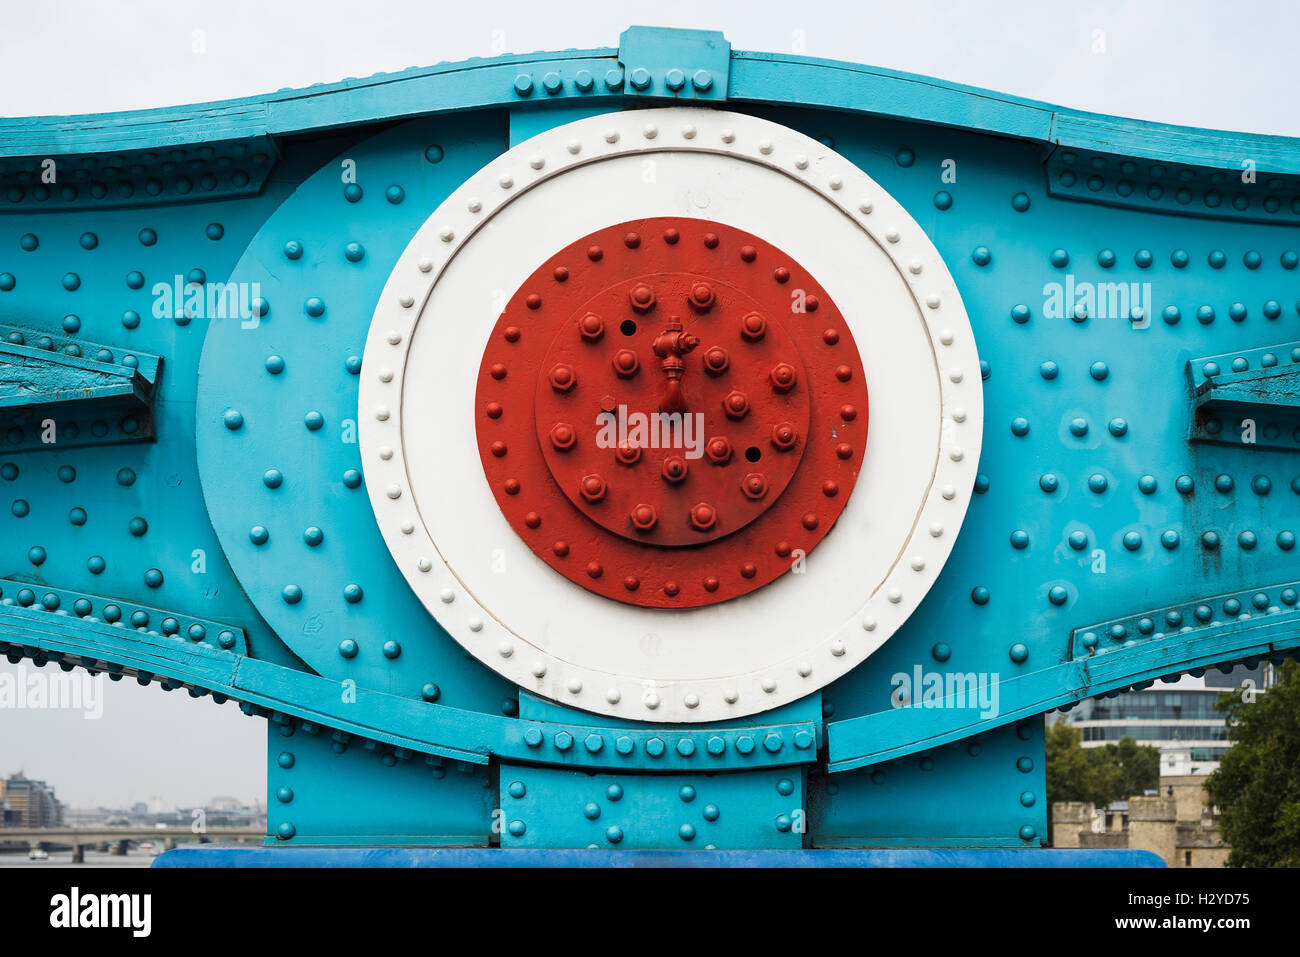 Pièces en acier peintes de couleurs vives avec des écrous, vis et rivets de chaîne de deux éléments de la liaison pont suspendu Tower Bridge à Londres, Royaume-Uni Banque D'Images